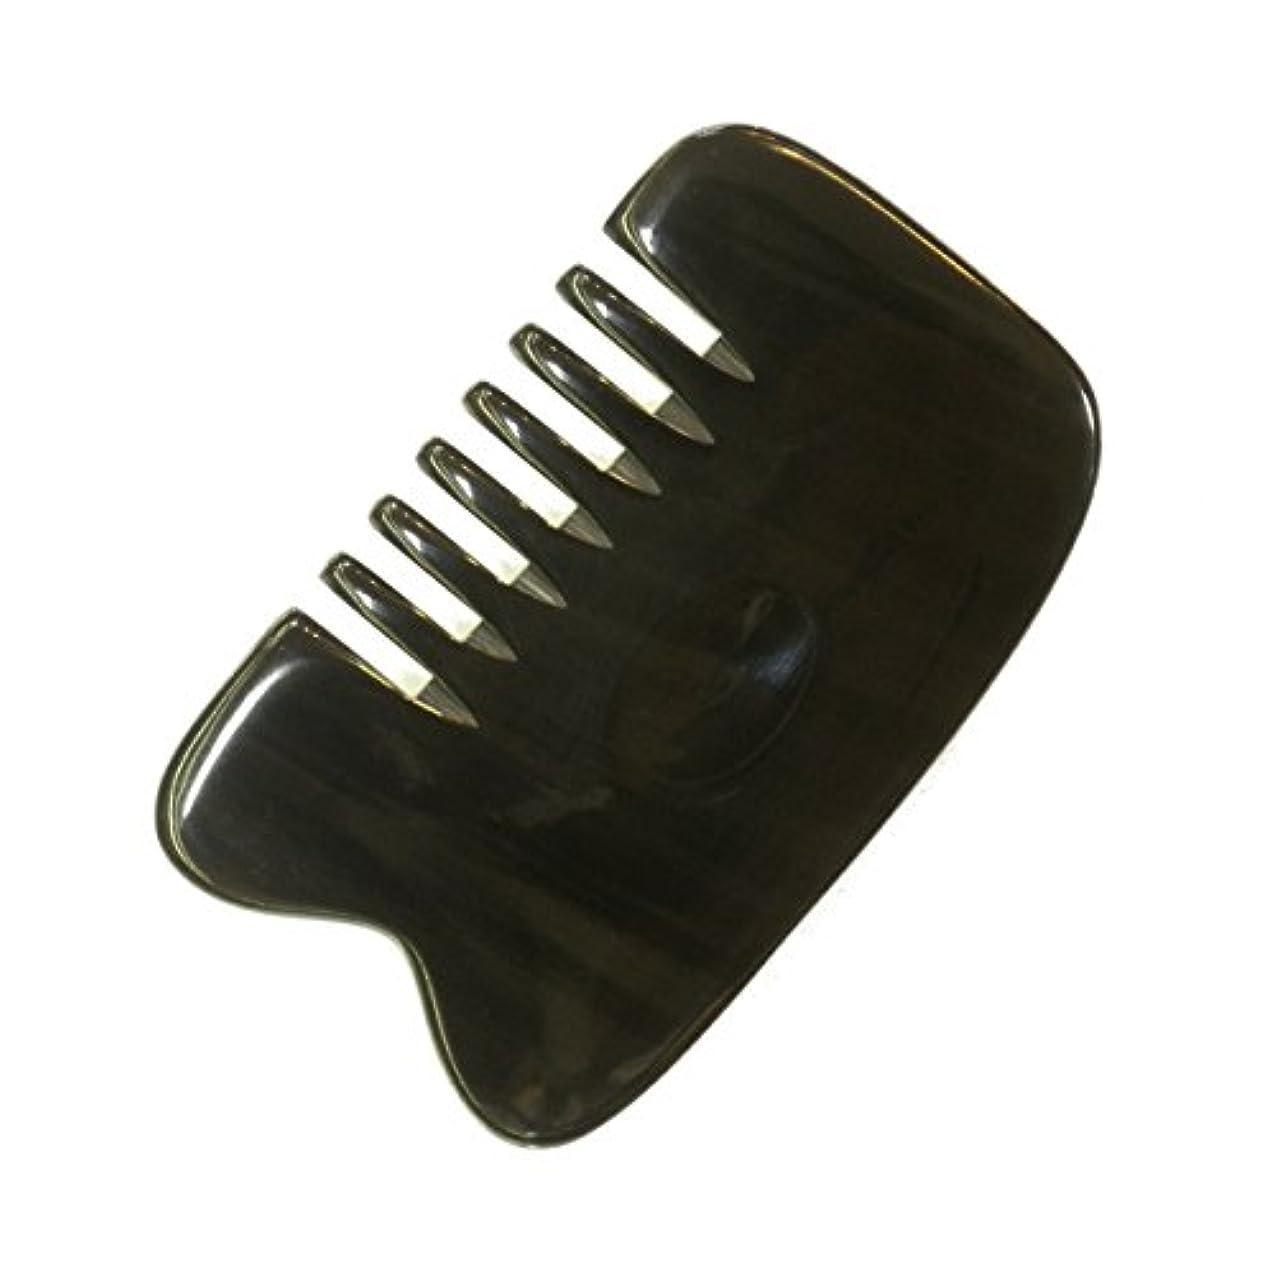 緊急からに変化する構造的かっさ プレート 厚さが選べる 水牛の角(黒水牛角) EHE221SP 櫛型 特級品 少し薄め(5ミリ程度)